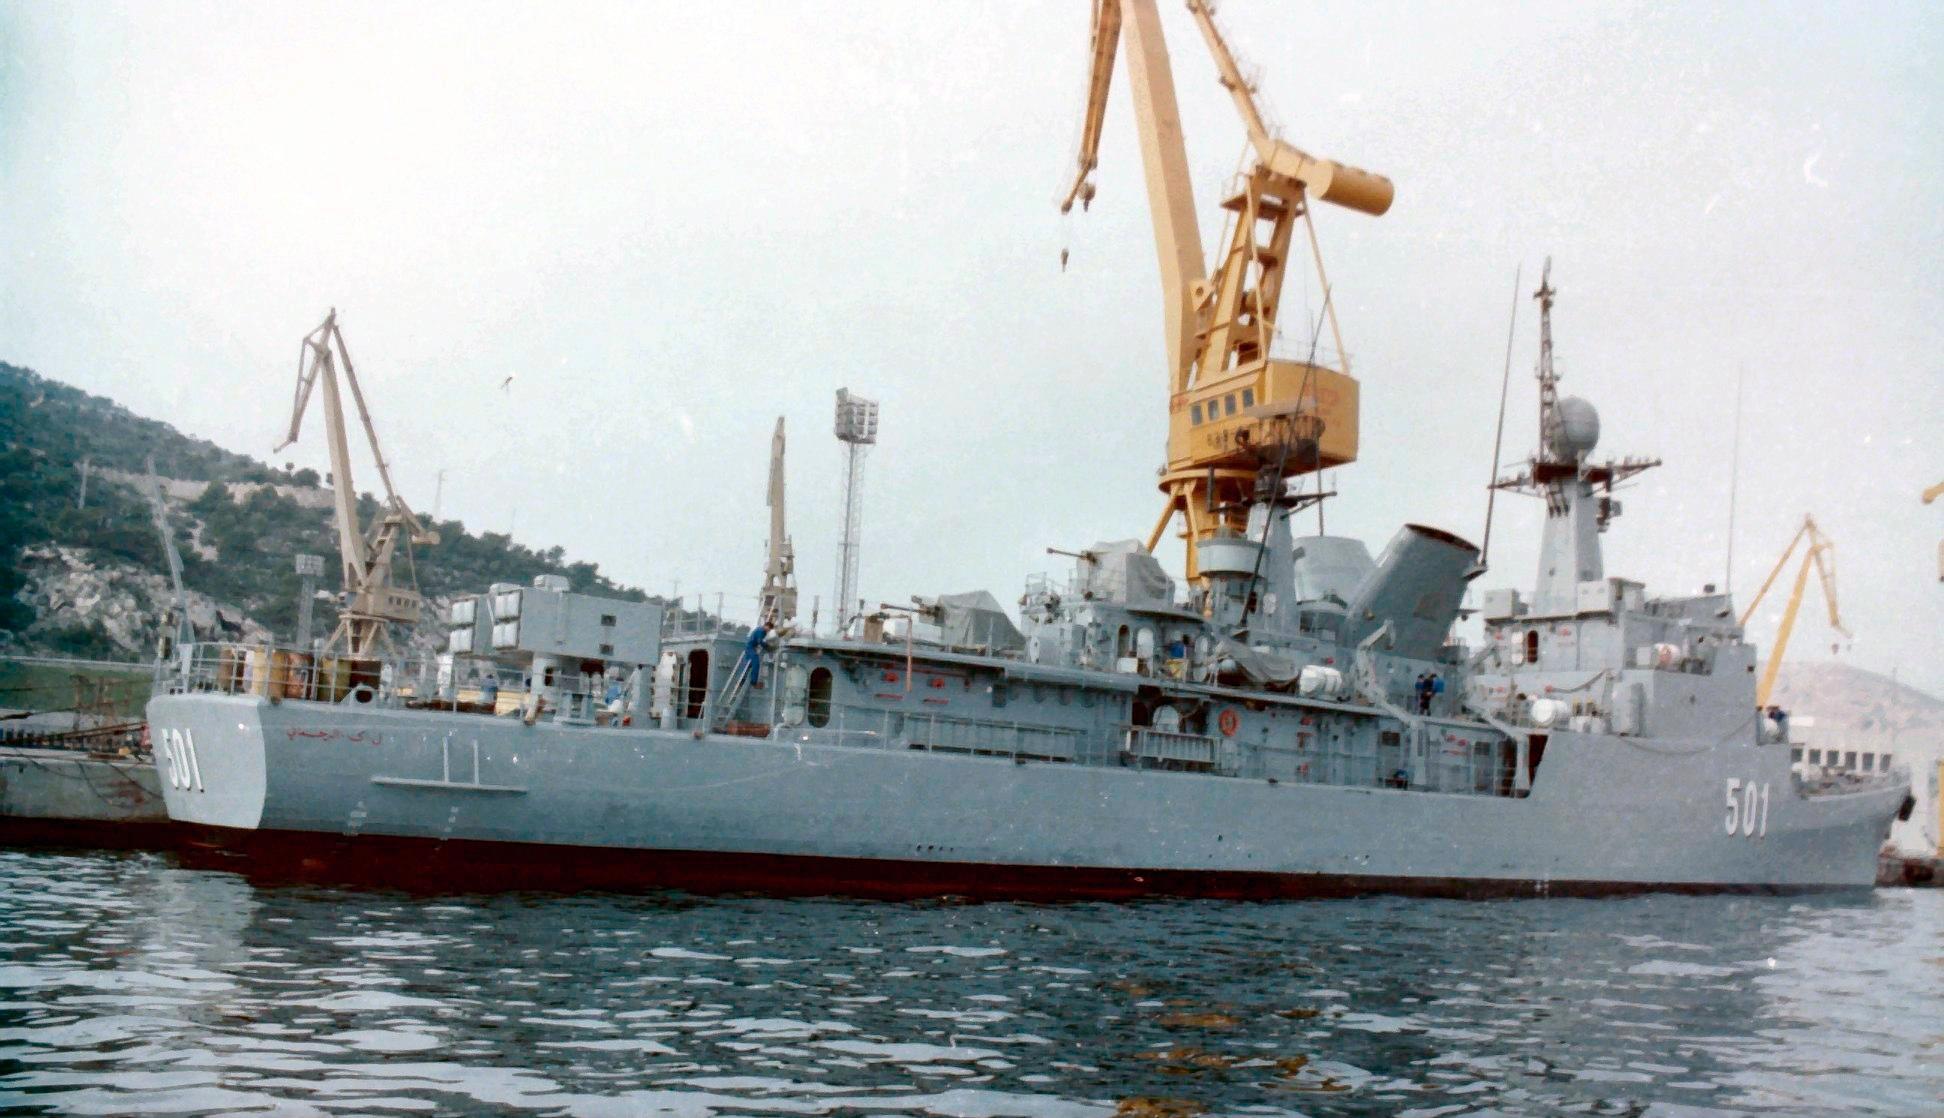 Royal Moroccan Navy Descubierta Frigate / Corvette Lt Cl Errahmani - Bâtiment École - Page 4 Clipb519